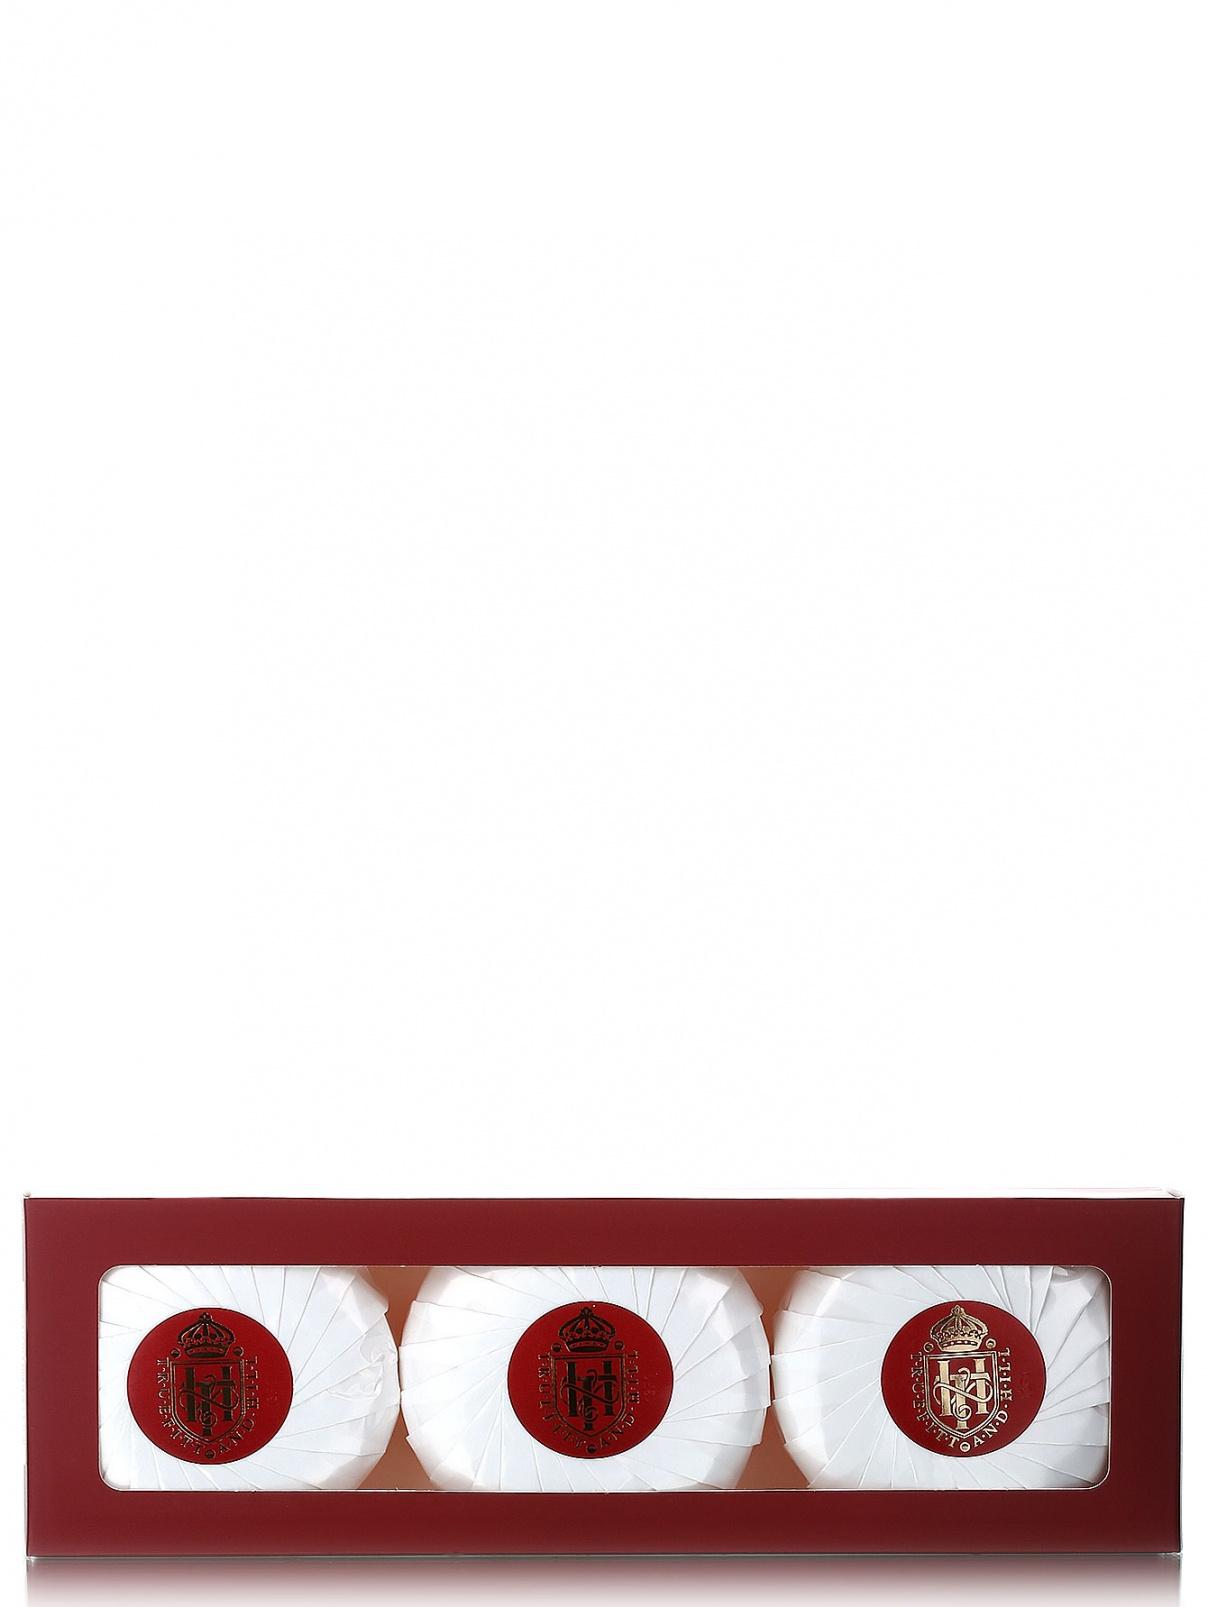 Ароматизированное мыло для бритья - Face care, 3x150g. Truefitt & Hill  –  Модель Общий вид